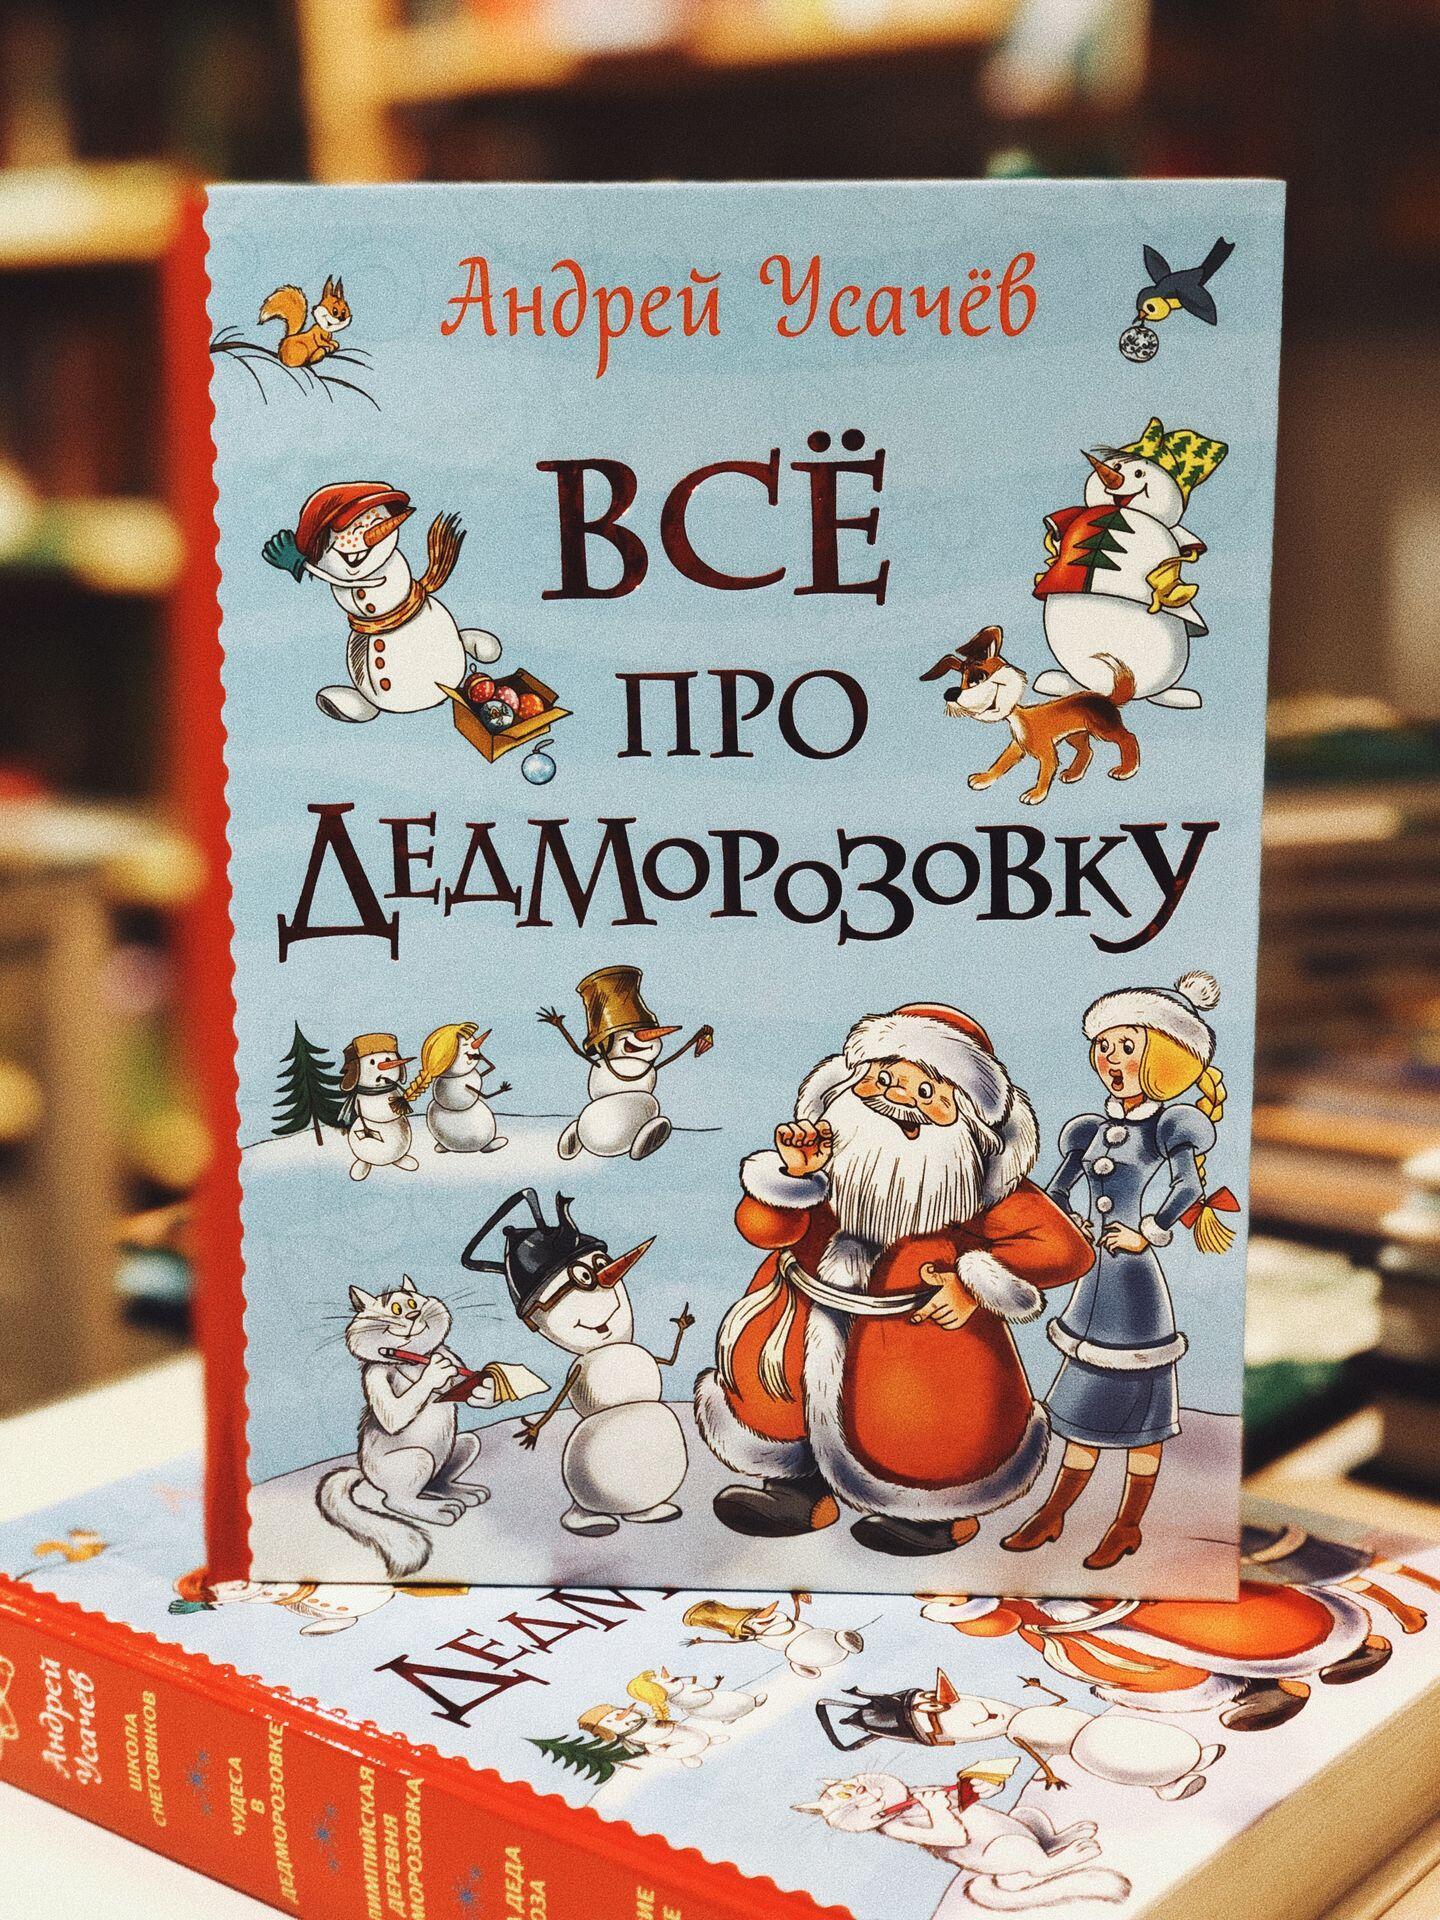 Новогодние книги для детей. Всё про Дедморозовку